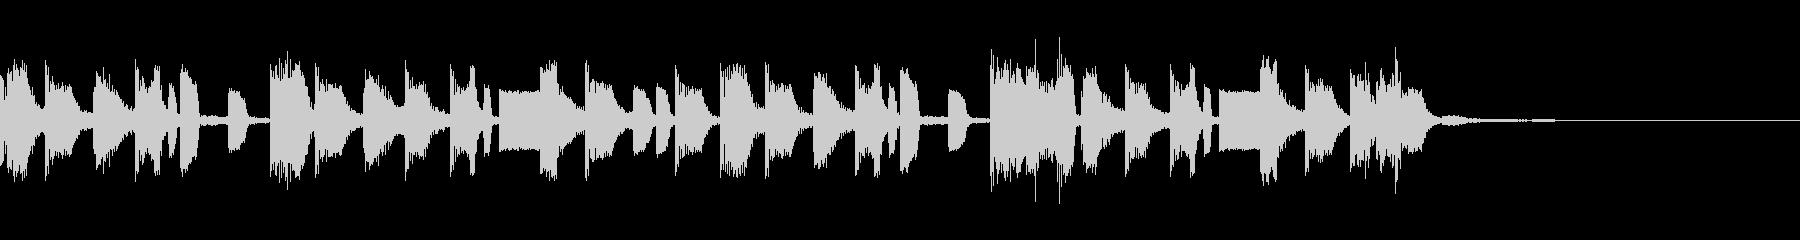 ヒップホップなジングルの未再生の波形